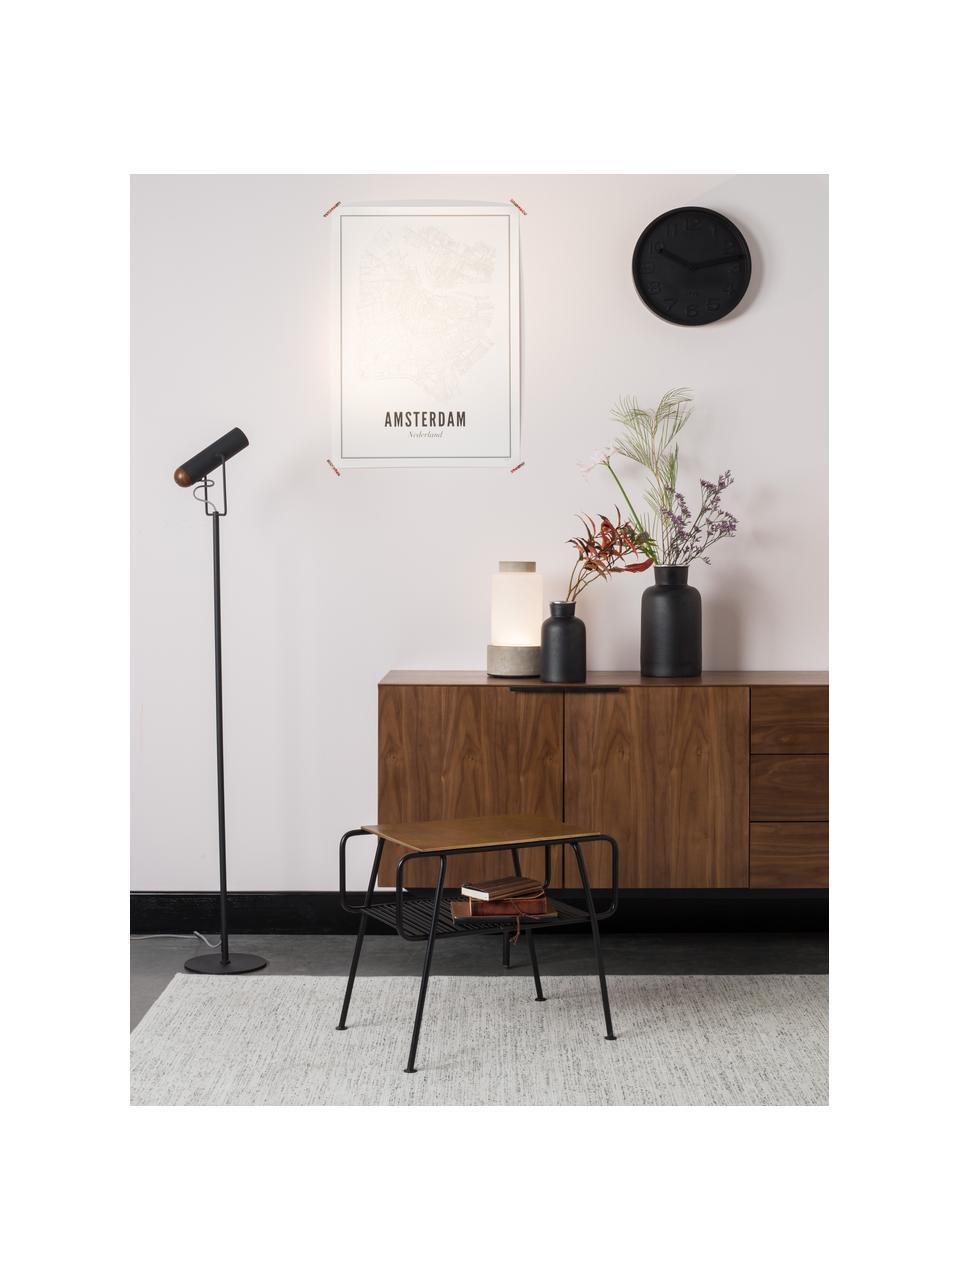 Sideboard Travis mit Nussbaumfurnier im Retro Design, Korpus: Mitteldichte Holzfaserpla, Korpus: Walnussbraun Griffe, Rahmen und Füsse: Schwarz, 180 x 71 cm